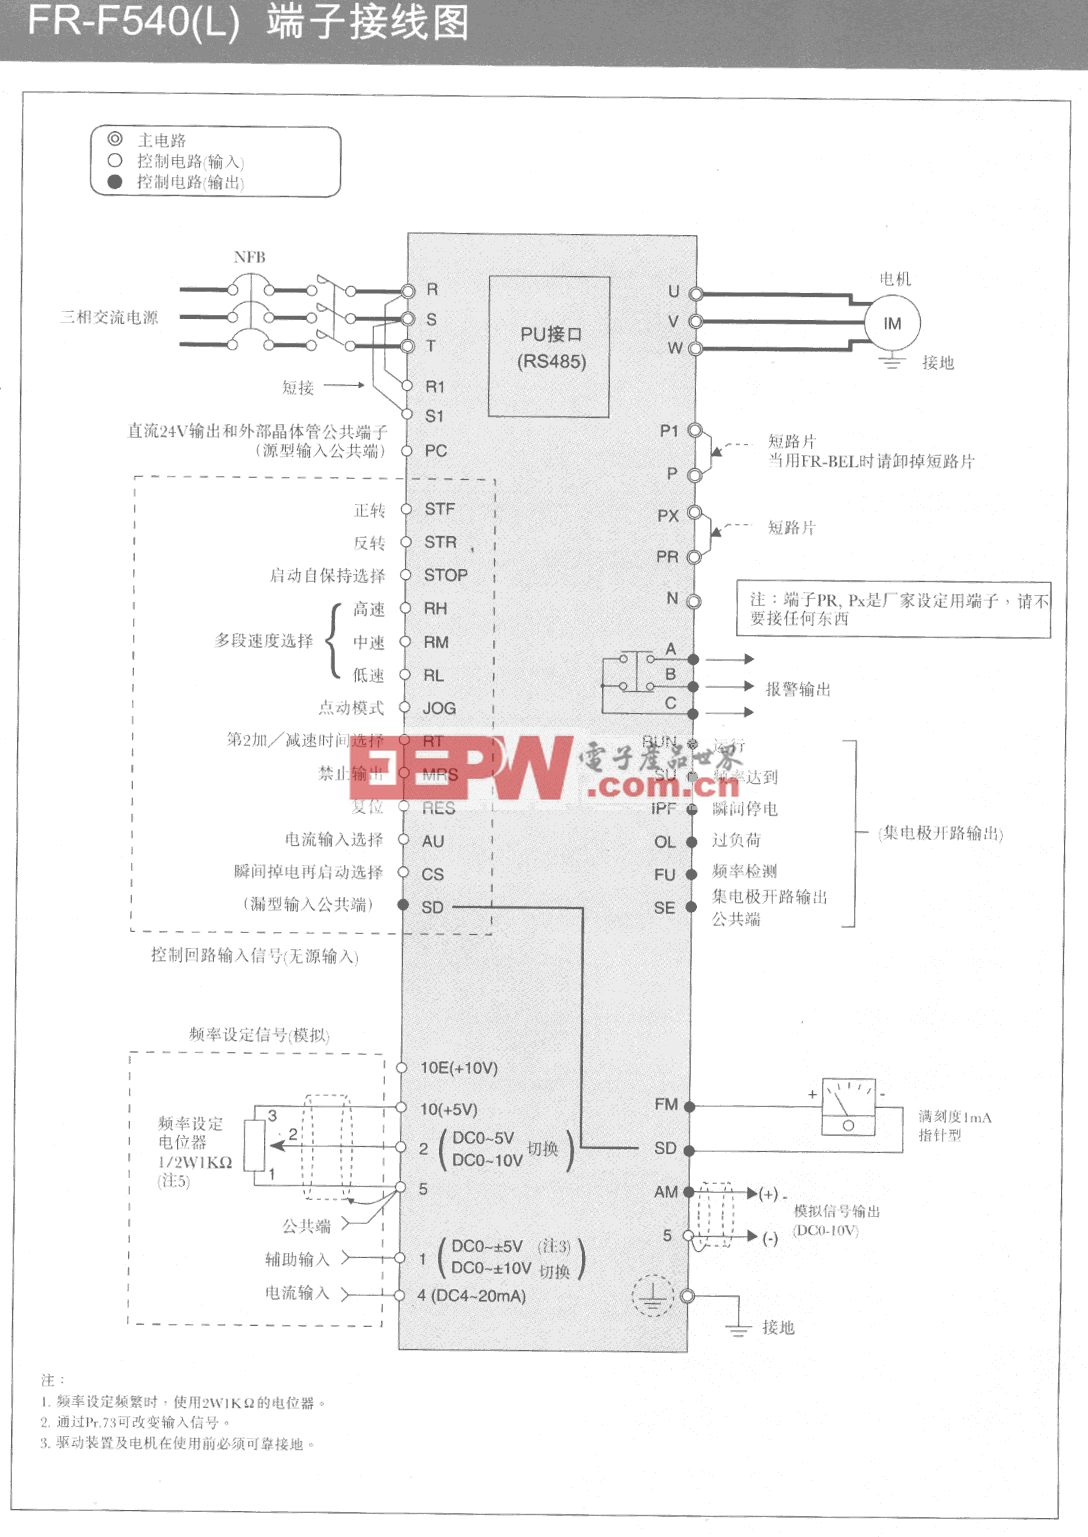 三菱fr-f540变频器典型接线图